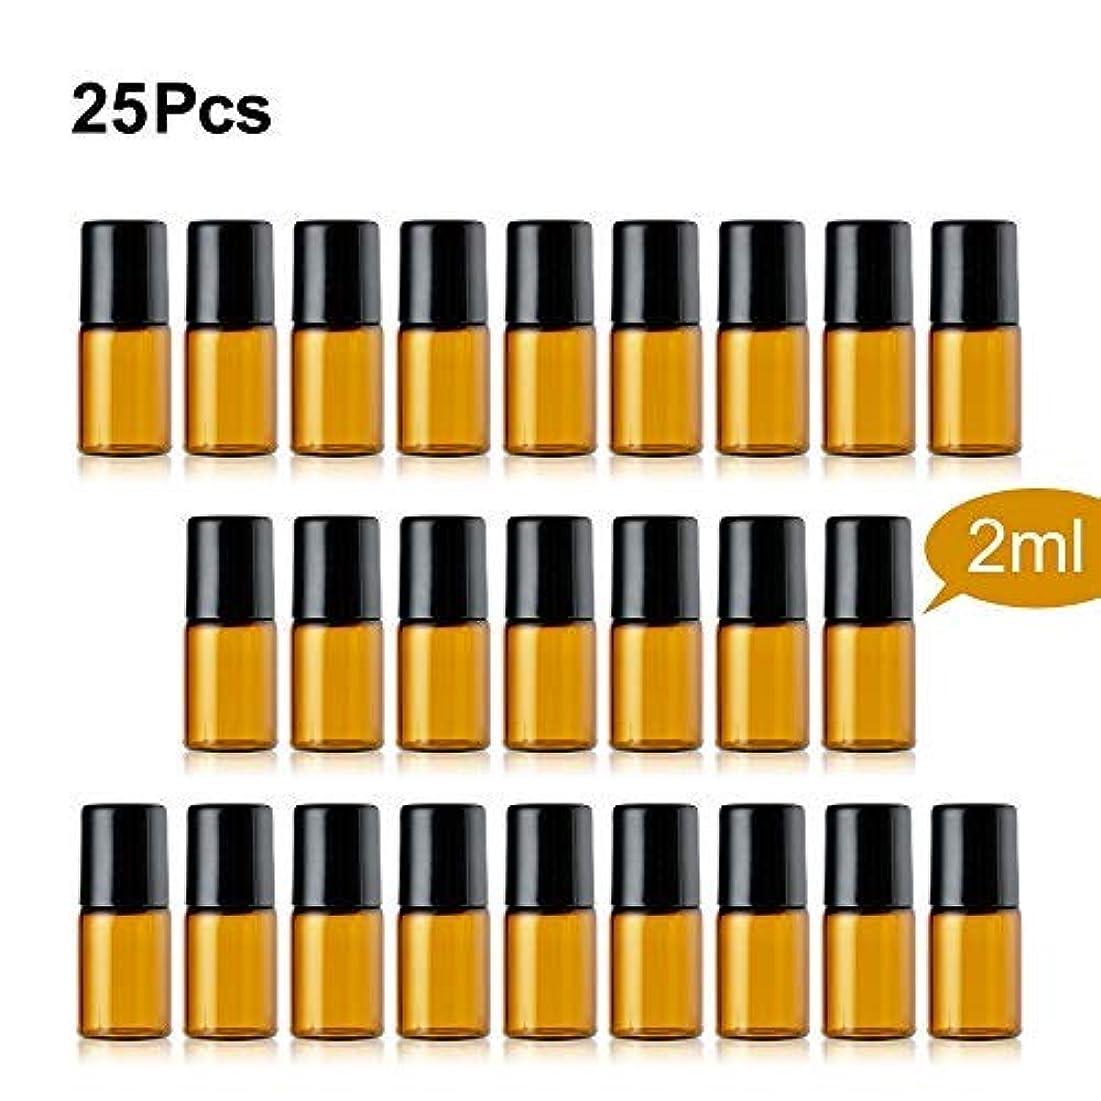 テスピアン振り返る日記TTBD Roller Ball Bottles, 25 Pcs 2ml Amber Refillable Essential Oil Roller Bottles with Stainless Steel Roller...